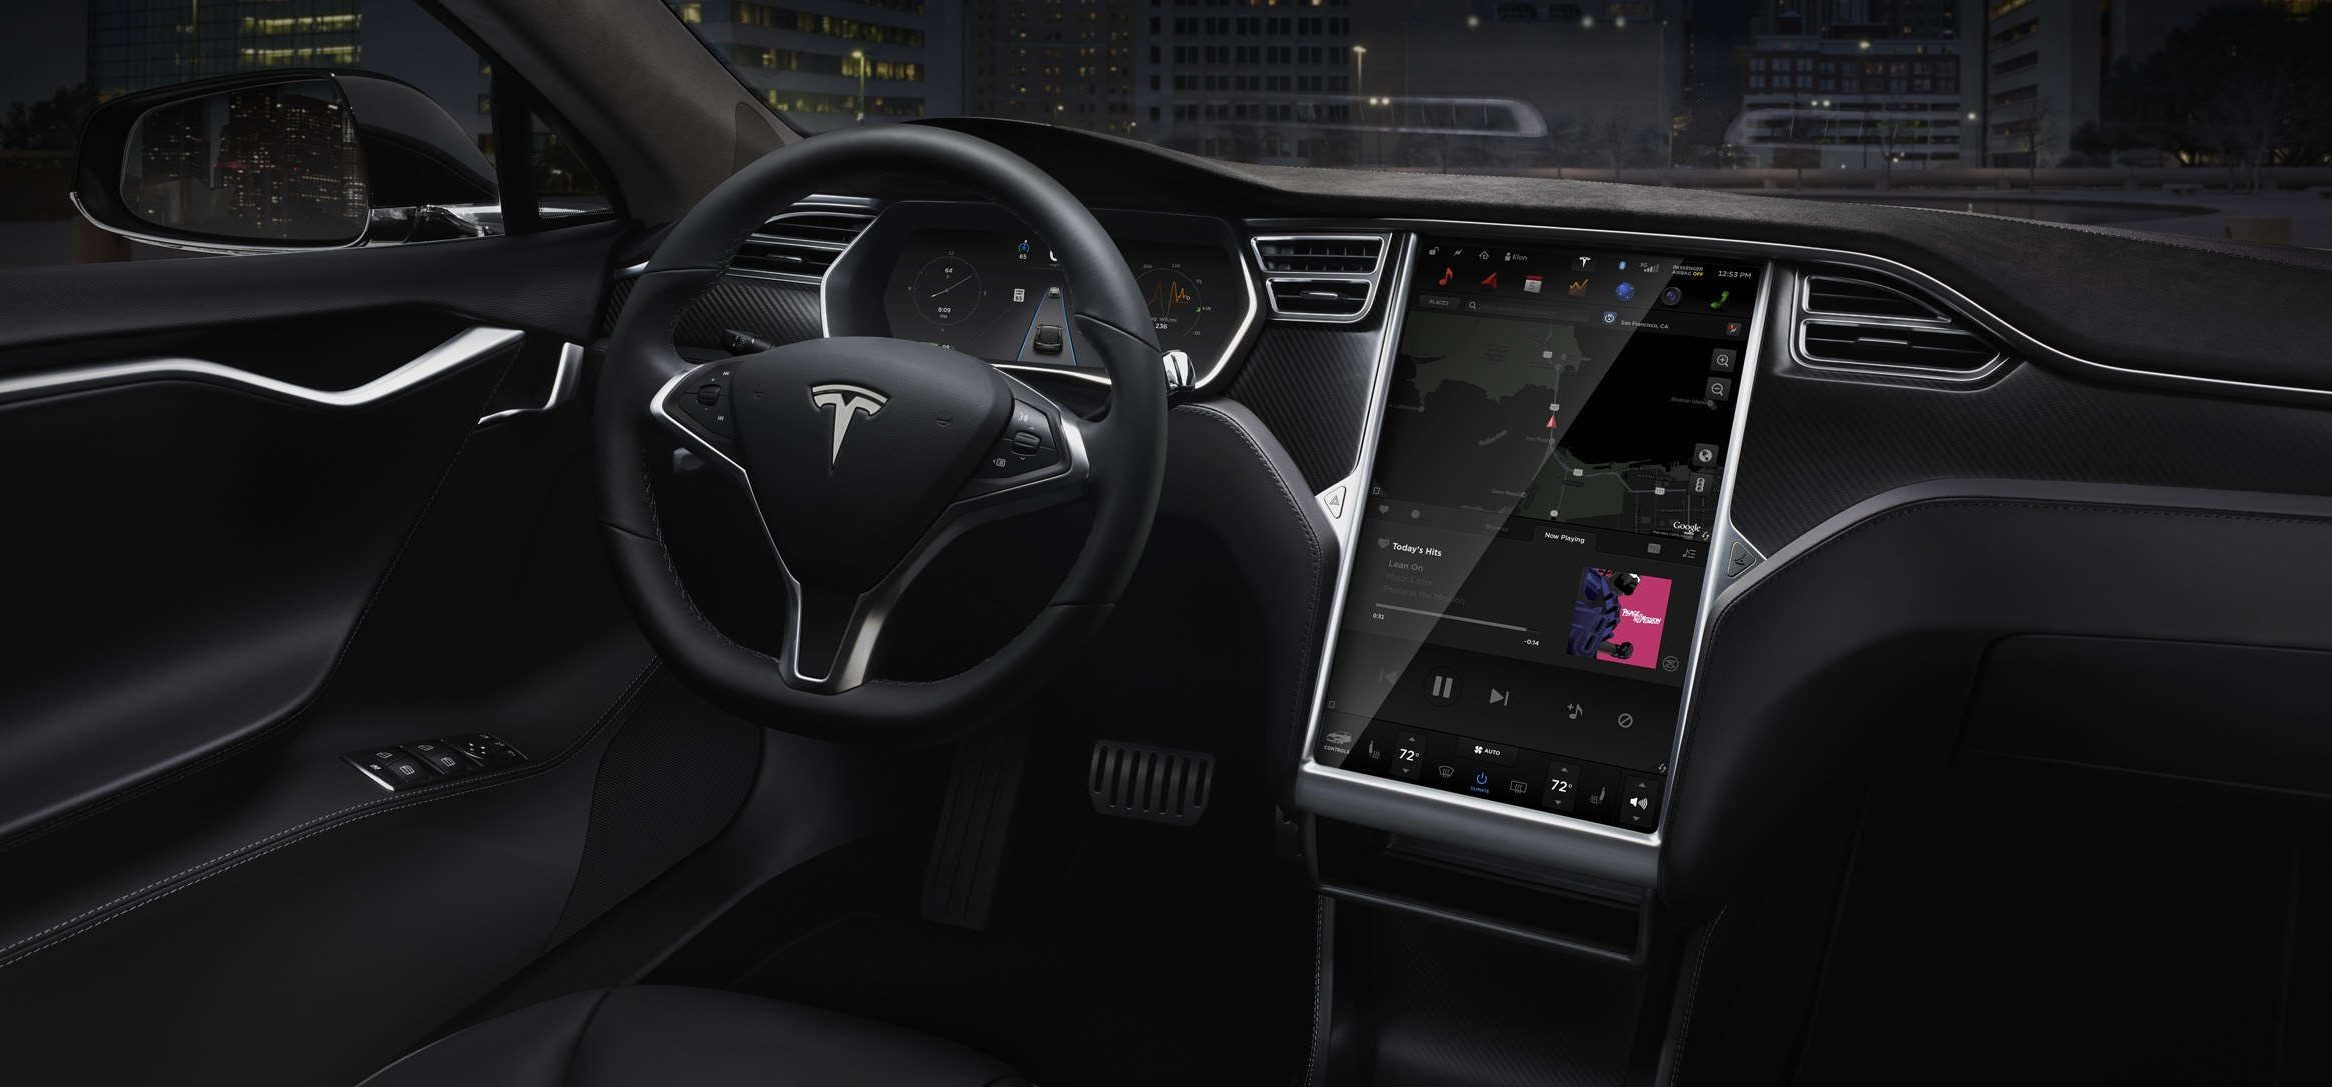 Tesla update 8.0